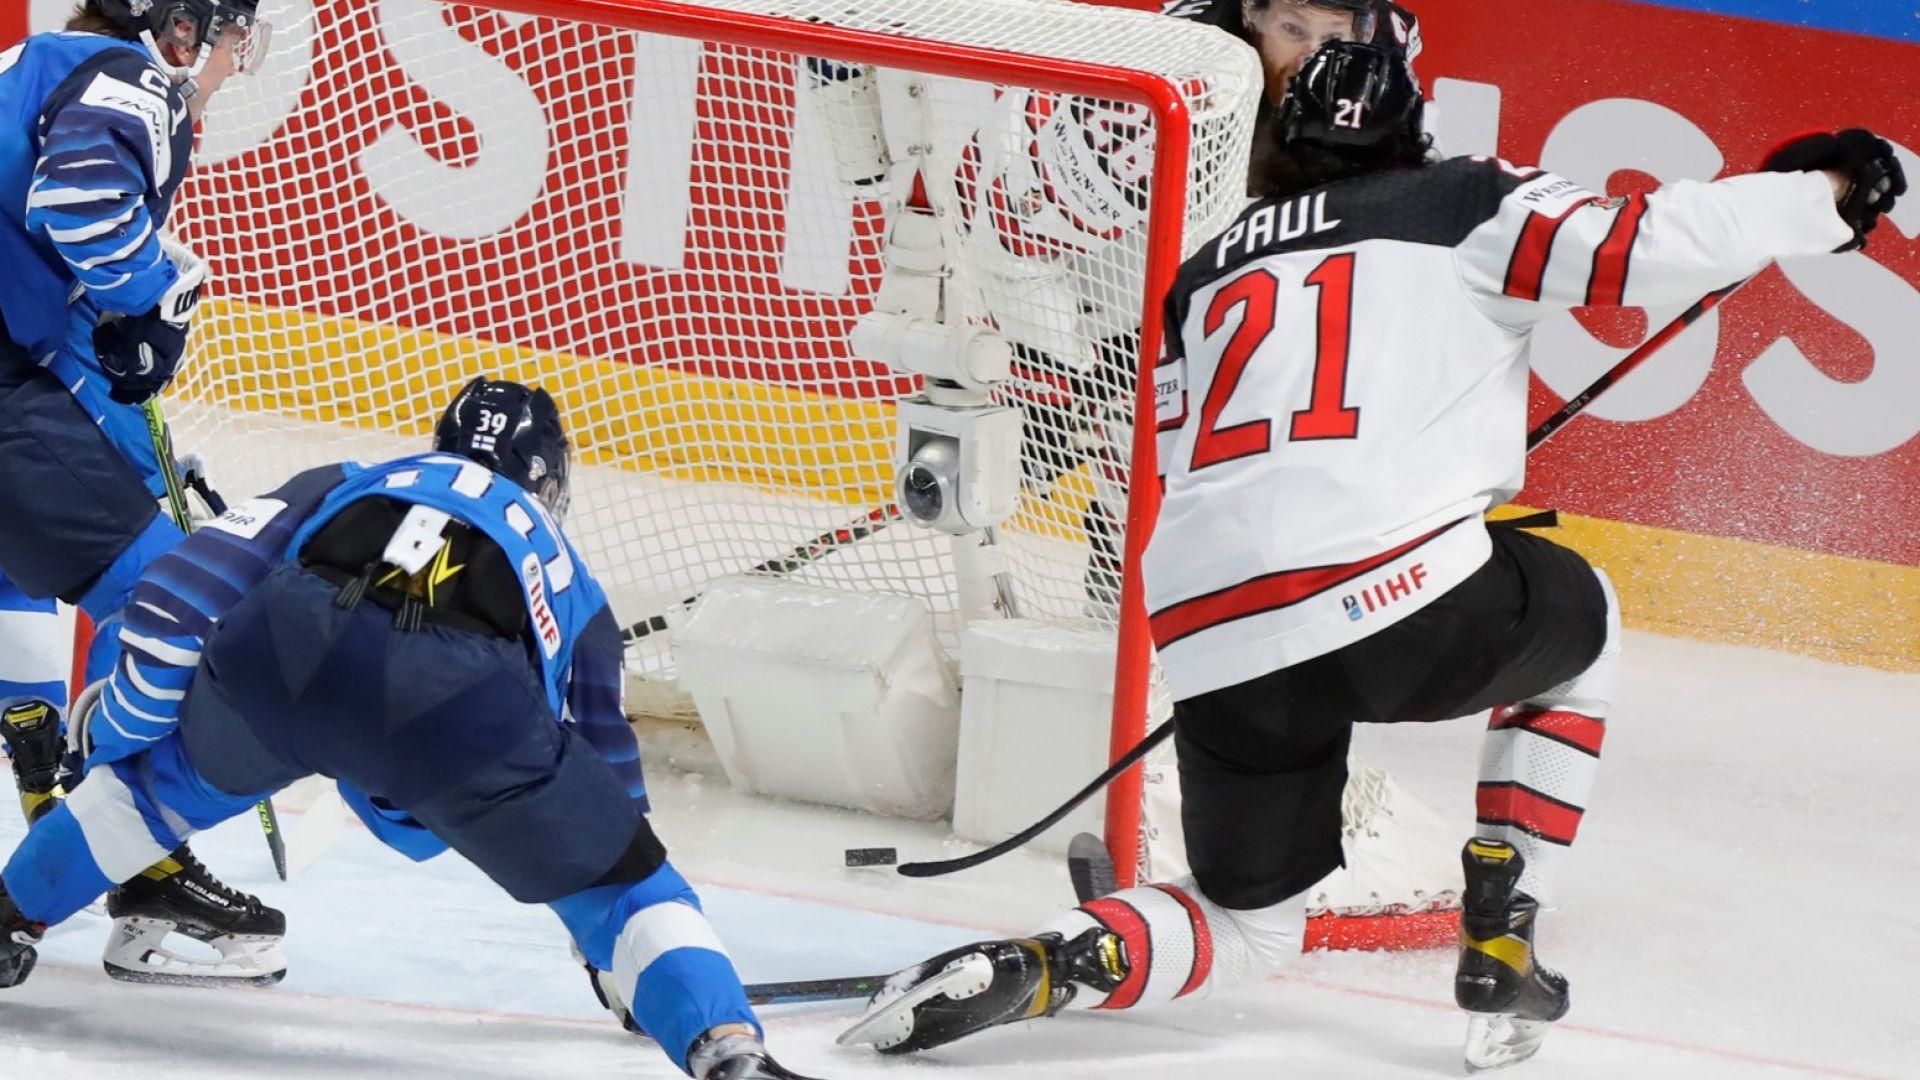 Канадците позлатиха хокейната си приказка с катастрофално начало и епичен финал